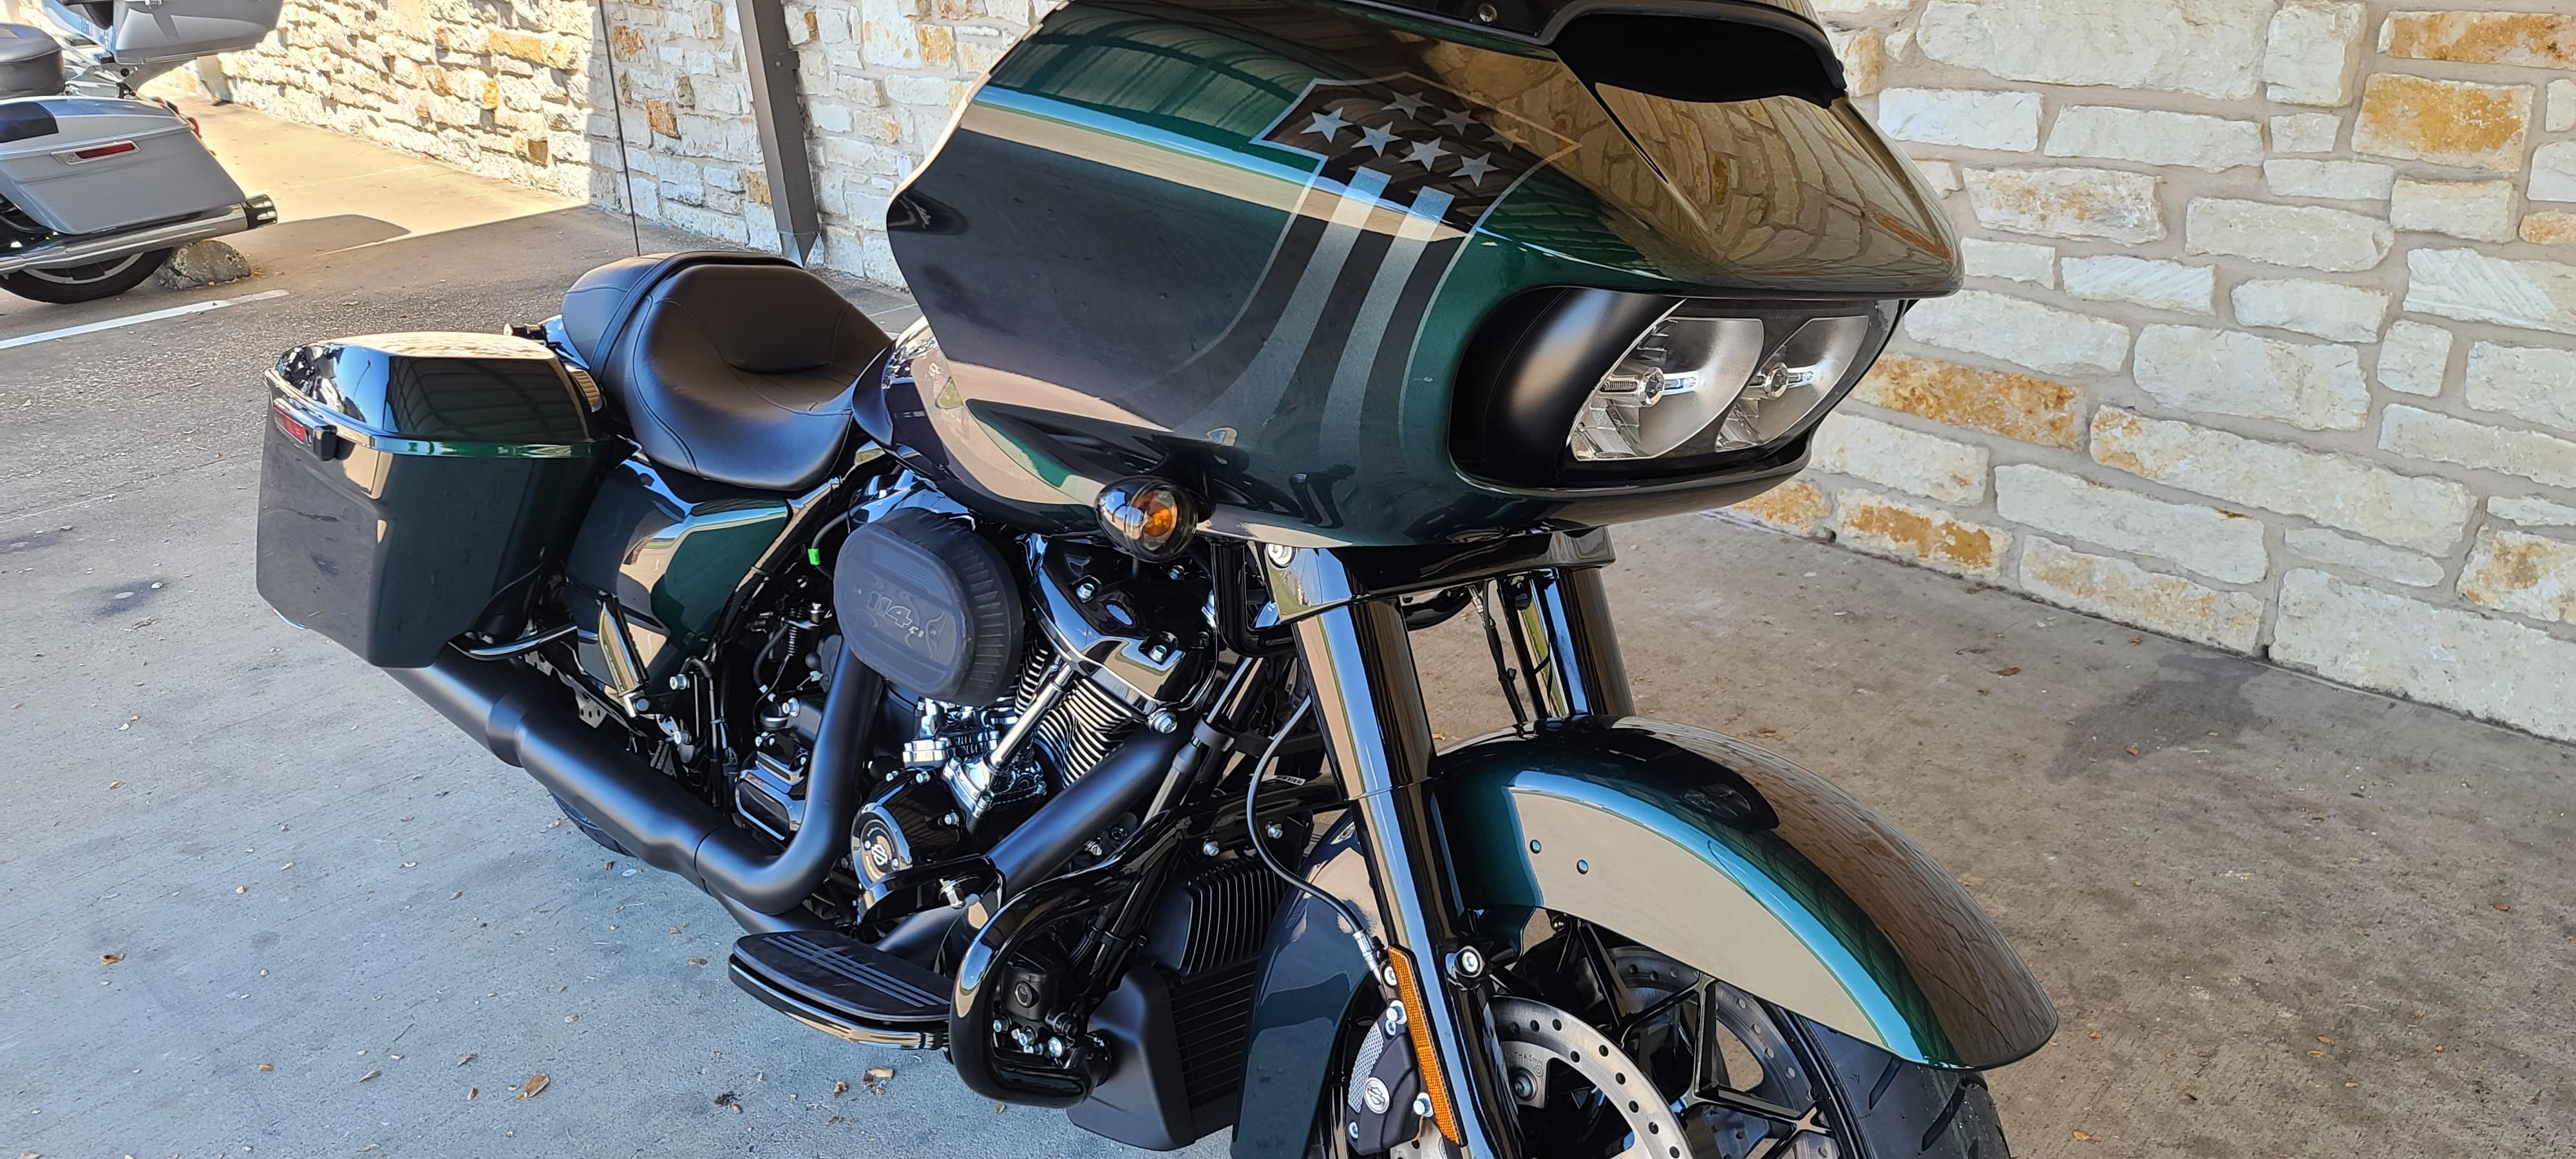 2021 Harley-Davidson Road Glide Special Road Glide Special at Harley-Davidson of Waco